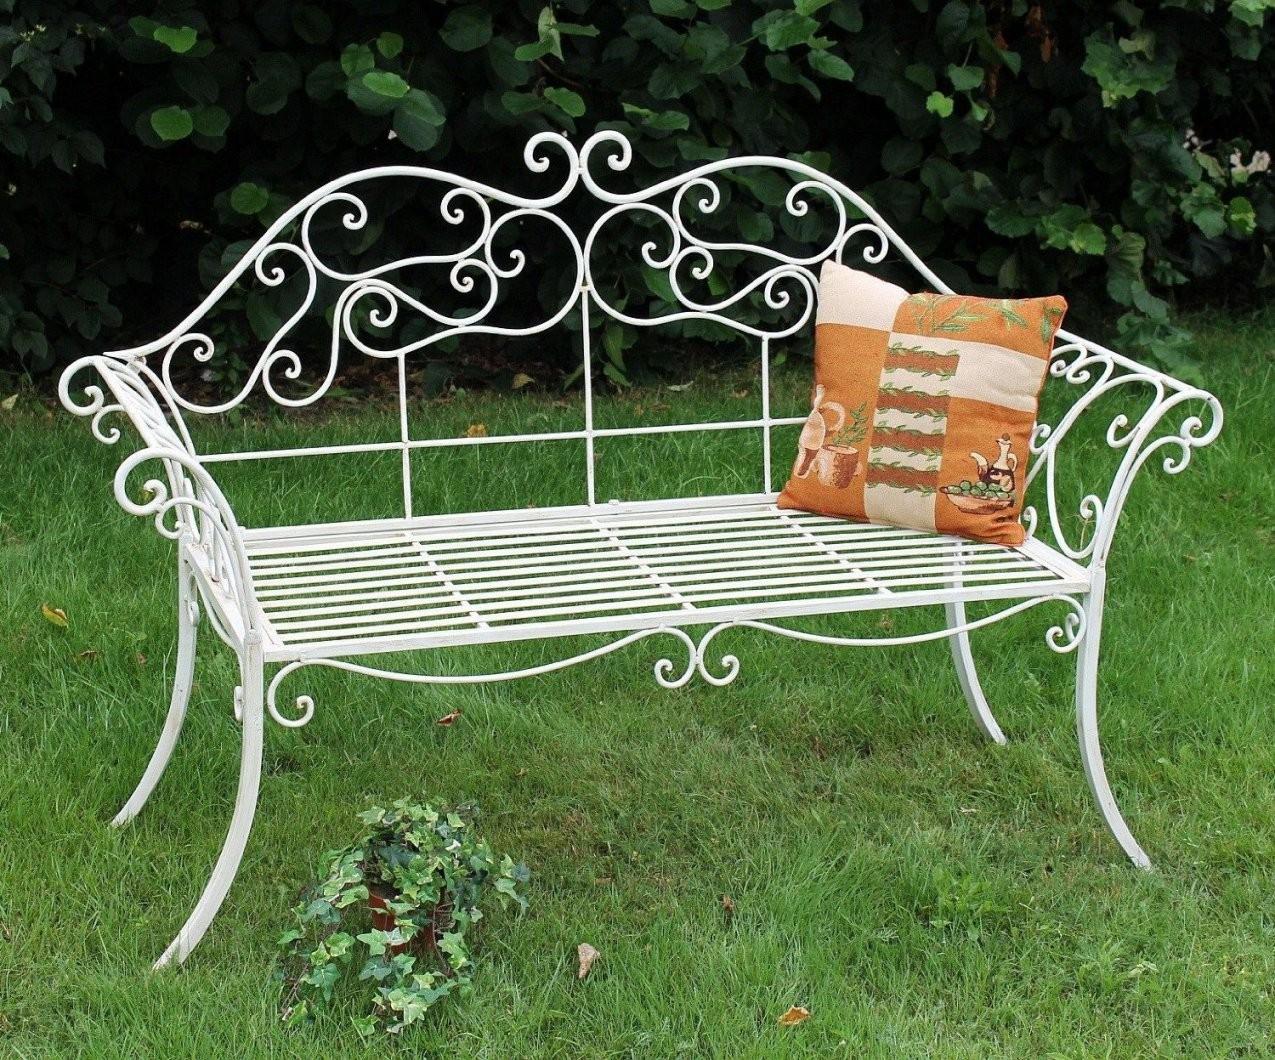 Gartenbank Weiß Metall Antik Romance Schmiedeeisen Sitzbank  Antike von Gartenbank Gusseisen Weiß Photo